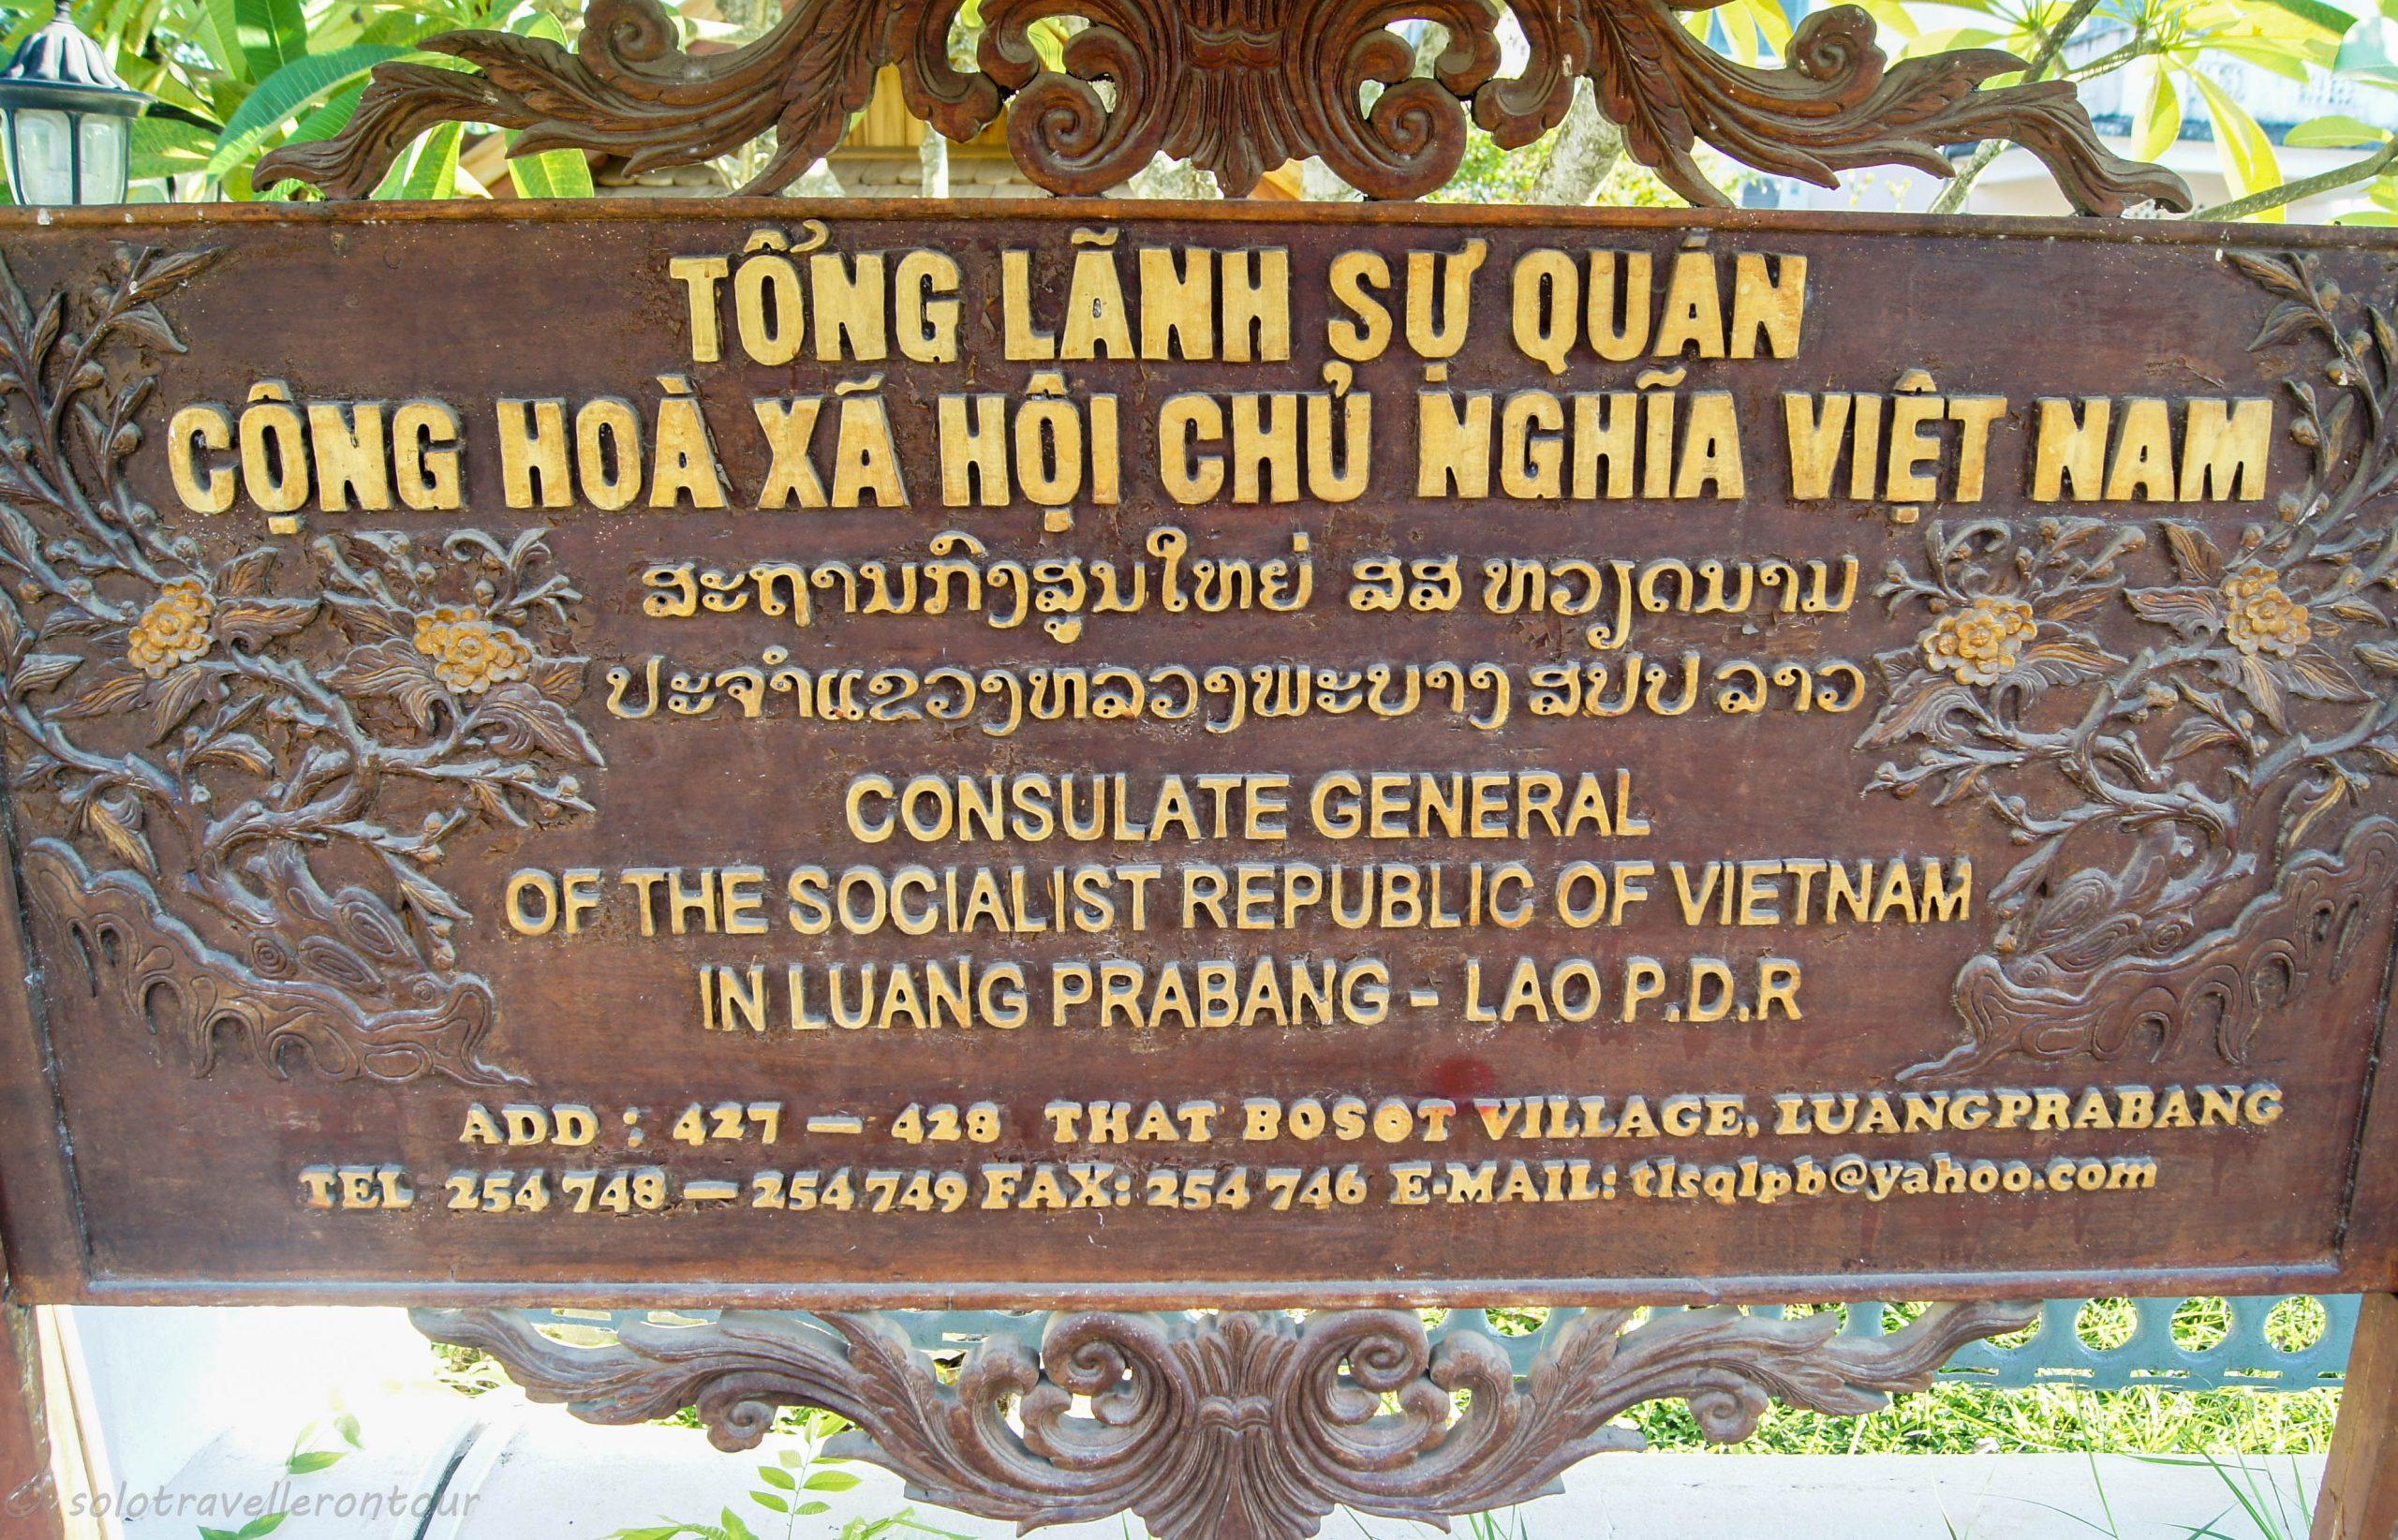 9. Getting a Vietnam Visa in Luang Prabang